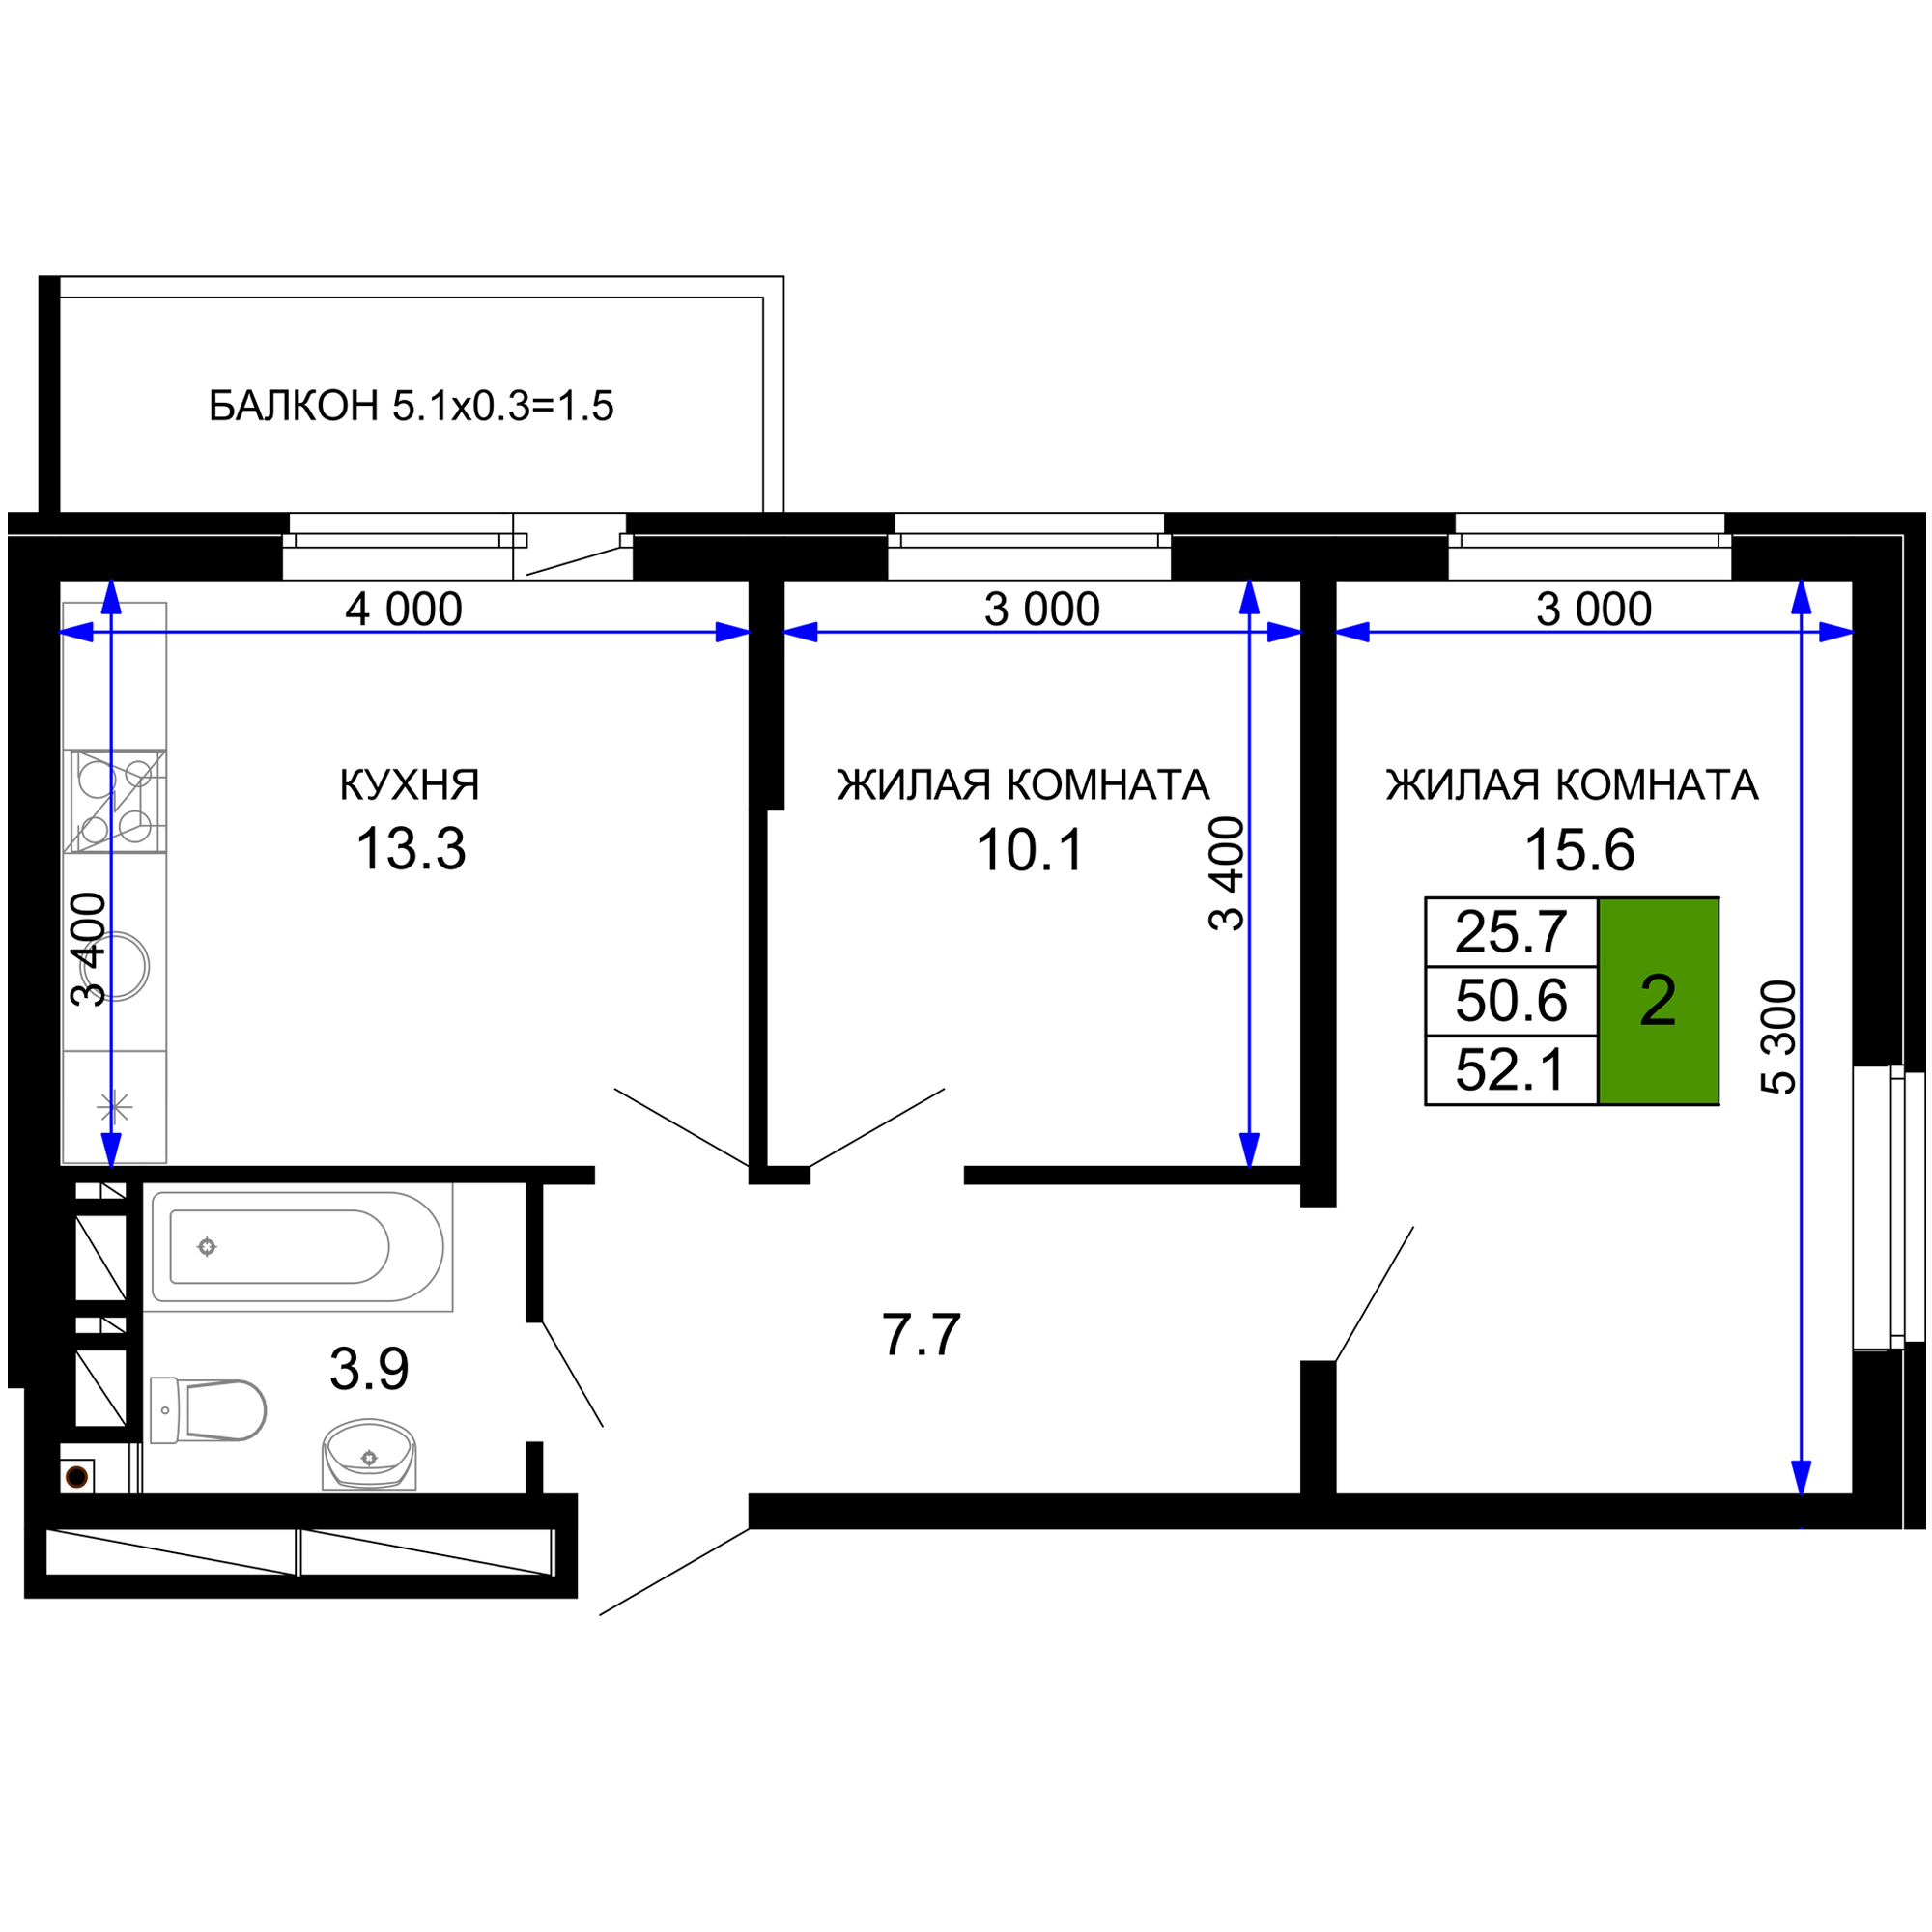 Двухкомнатная квартира в ЖК Дыхание 52.1 м2